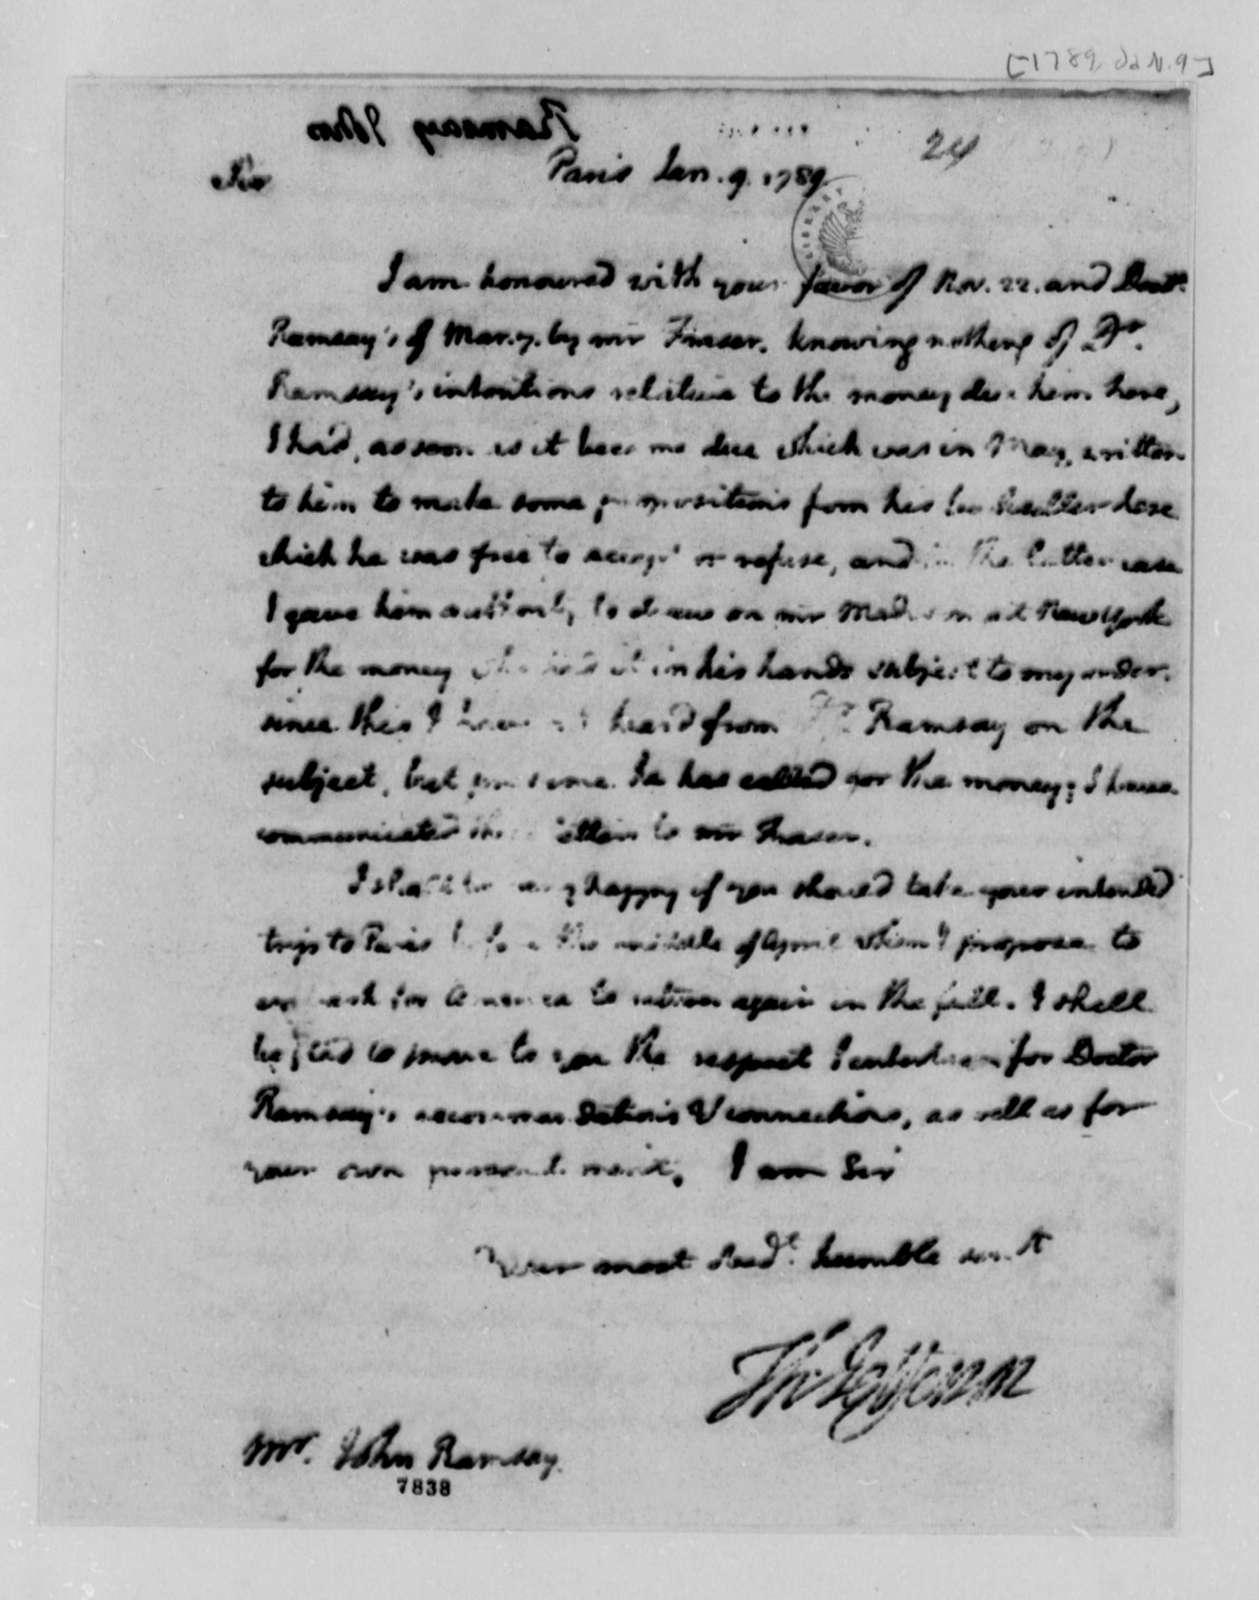 Thomas Jefferson to John Ramsay, January 9, 1789